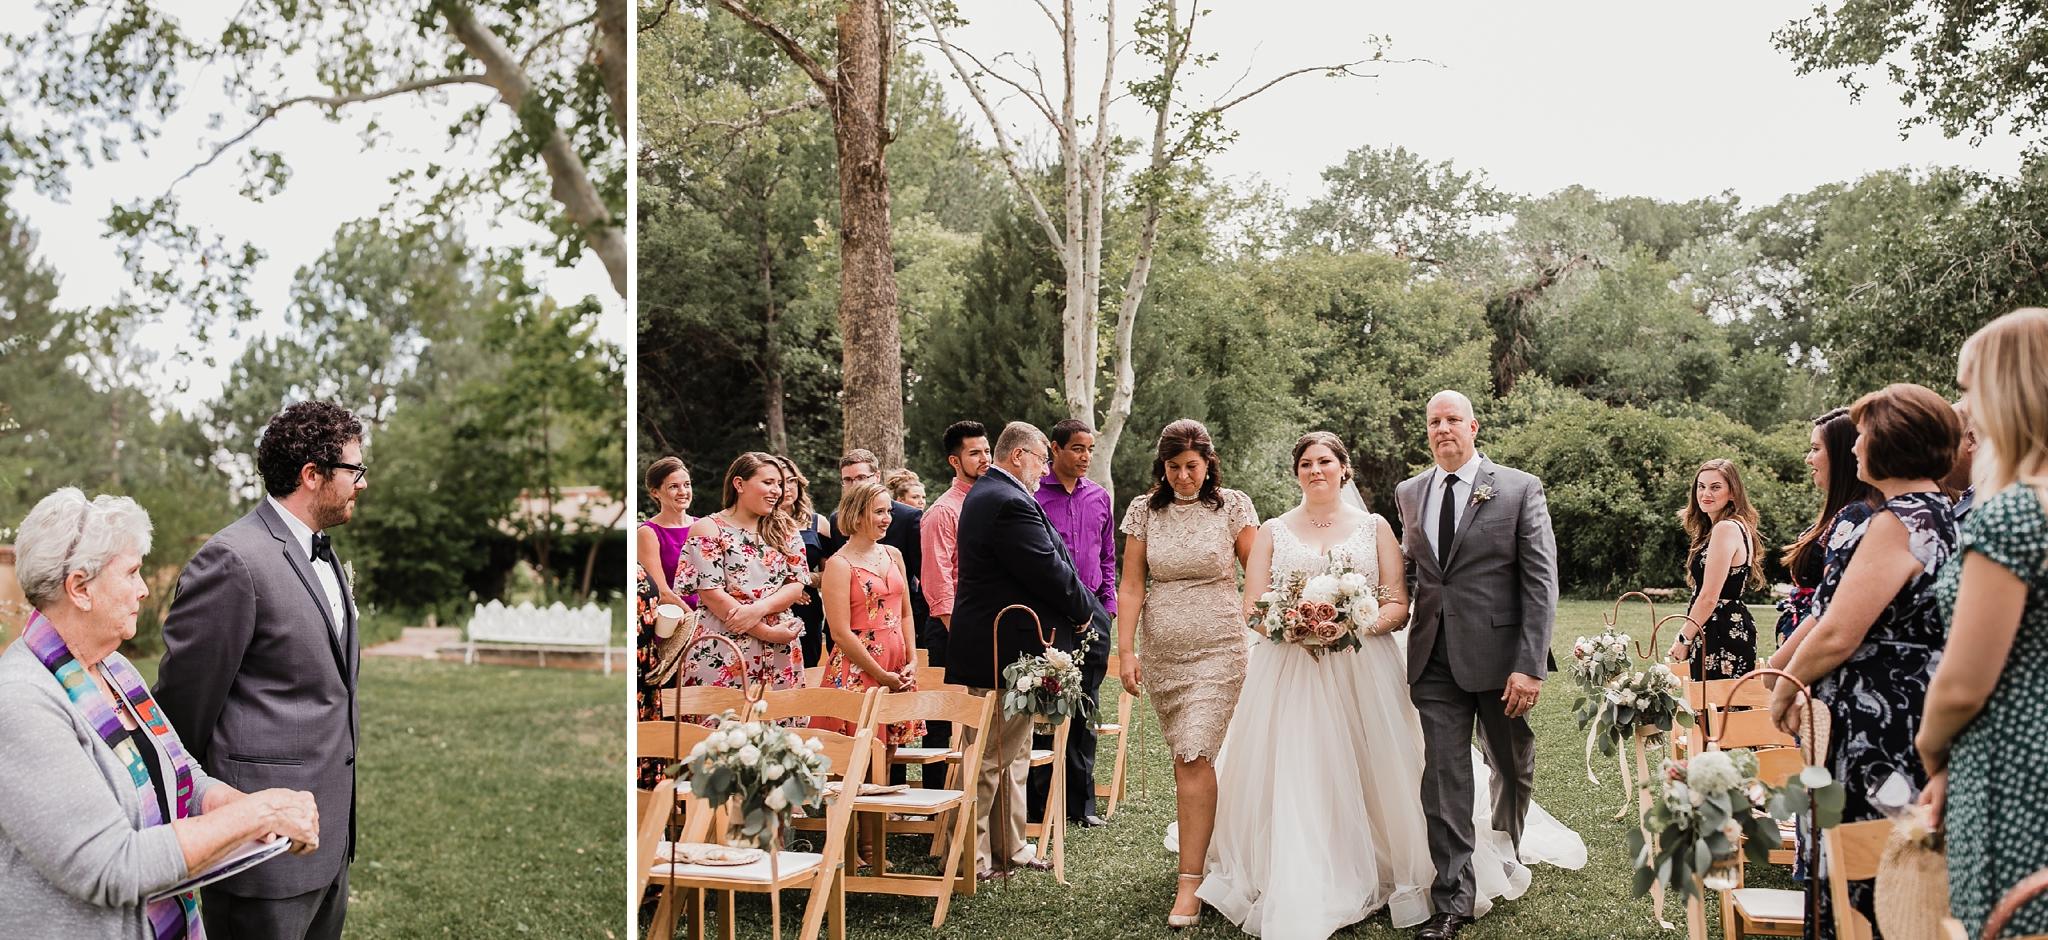 Alicia+lucia+photography+-+albuquerque+wedding+photographer+-+santa+fe+wedding+photography+-+new+mexico+wedding+photographer+-+new+mexico+wedding+-+summer+wedding+-+los+poblanos+wedding+-+albuquerque+wedding_0034.jpg